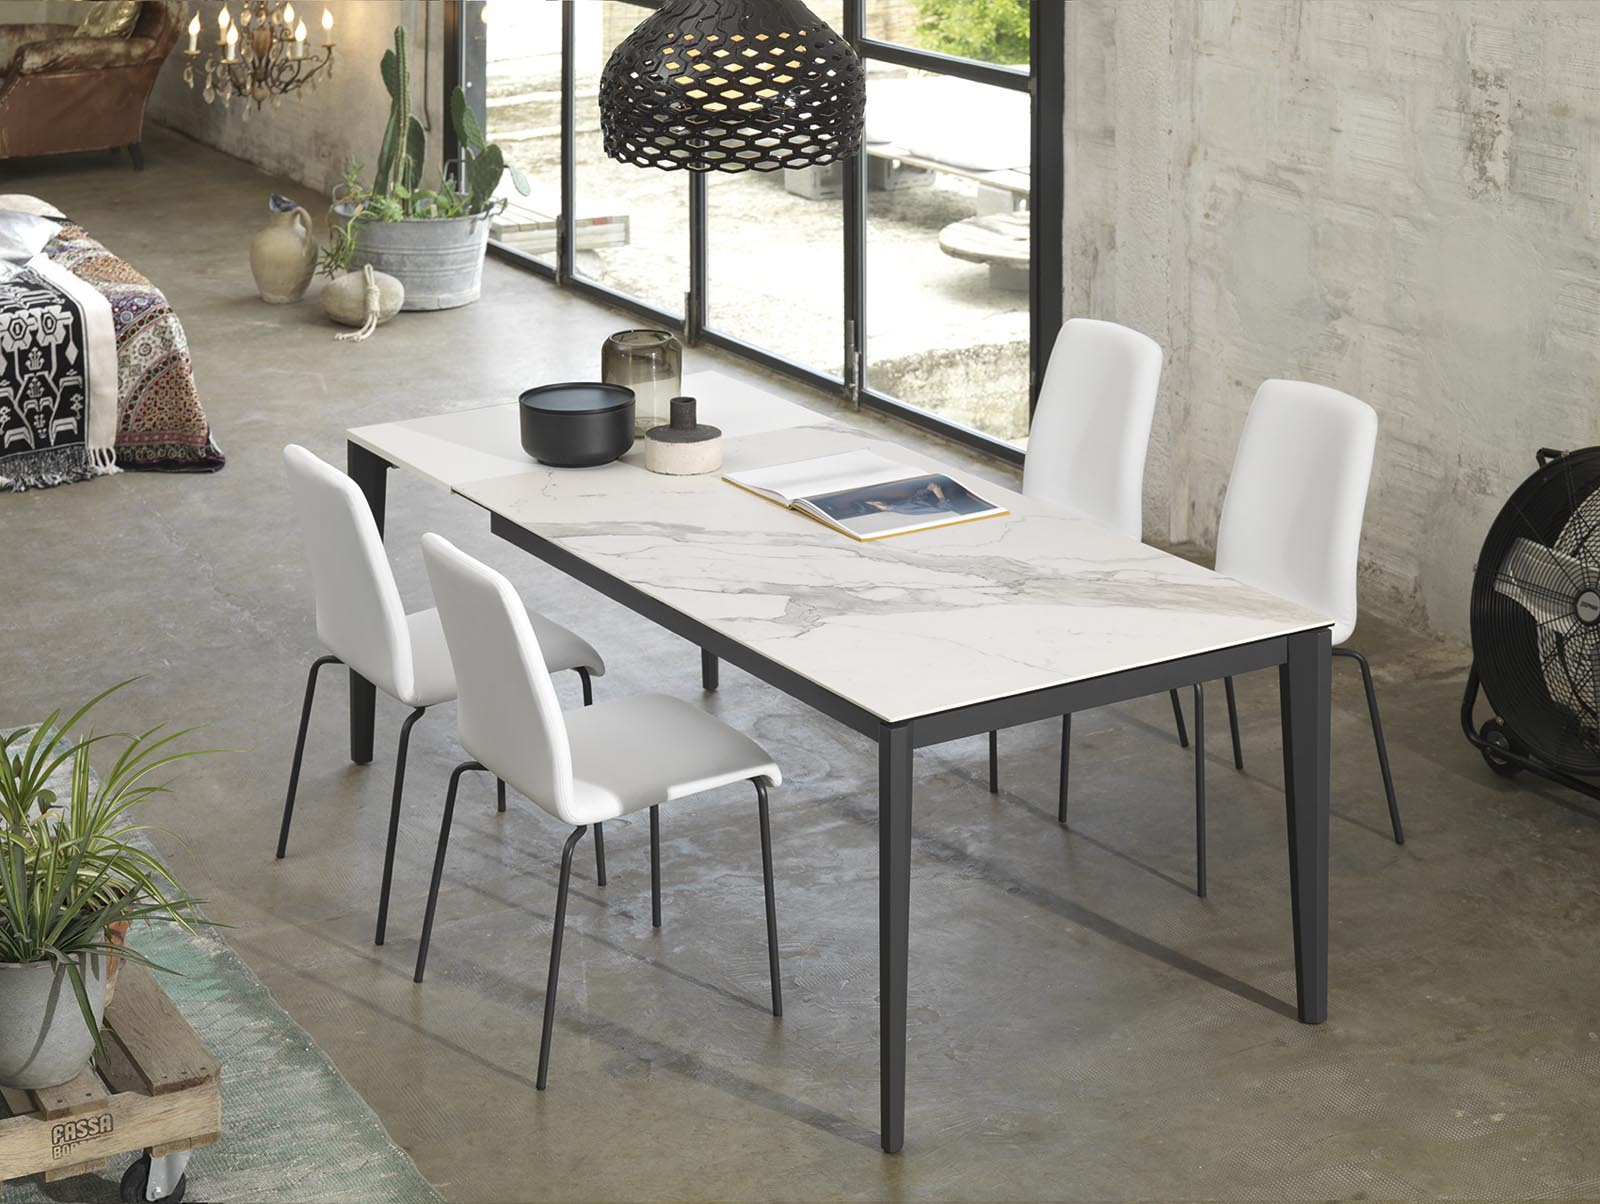 Stół leonardo - jak należy zrobić rozkładany stół